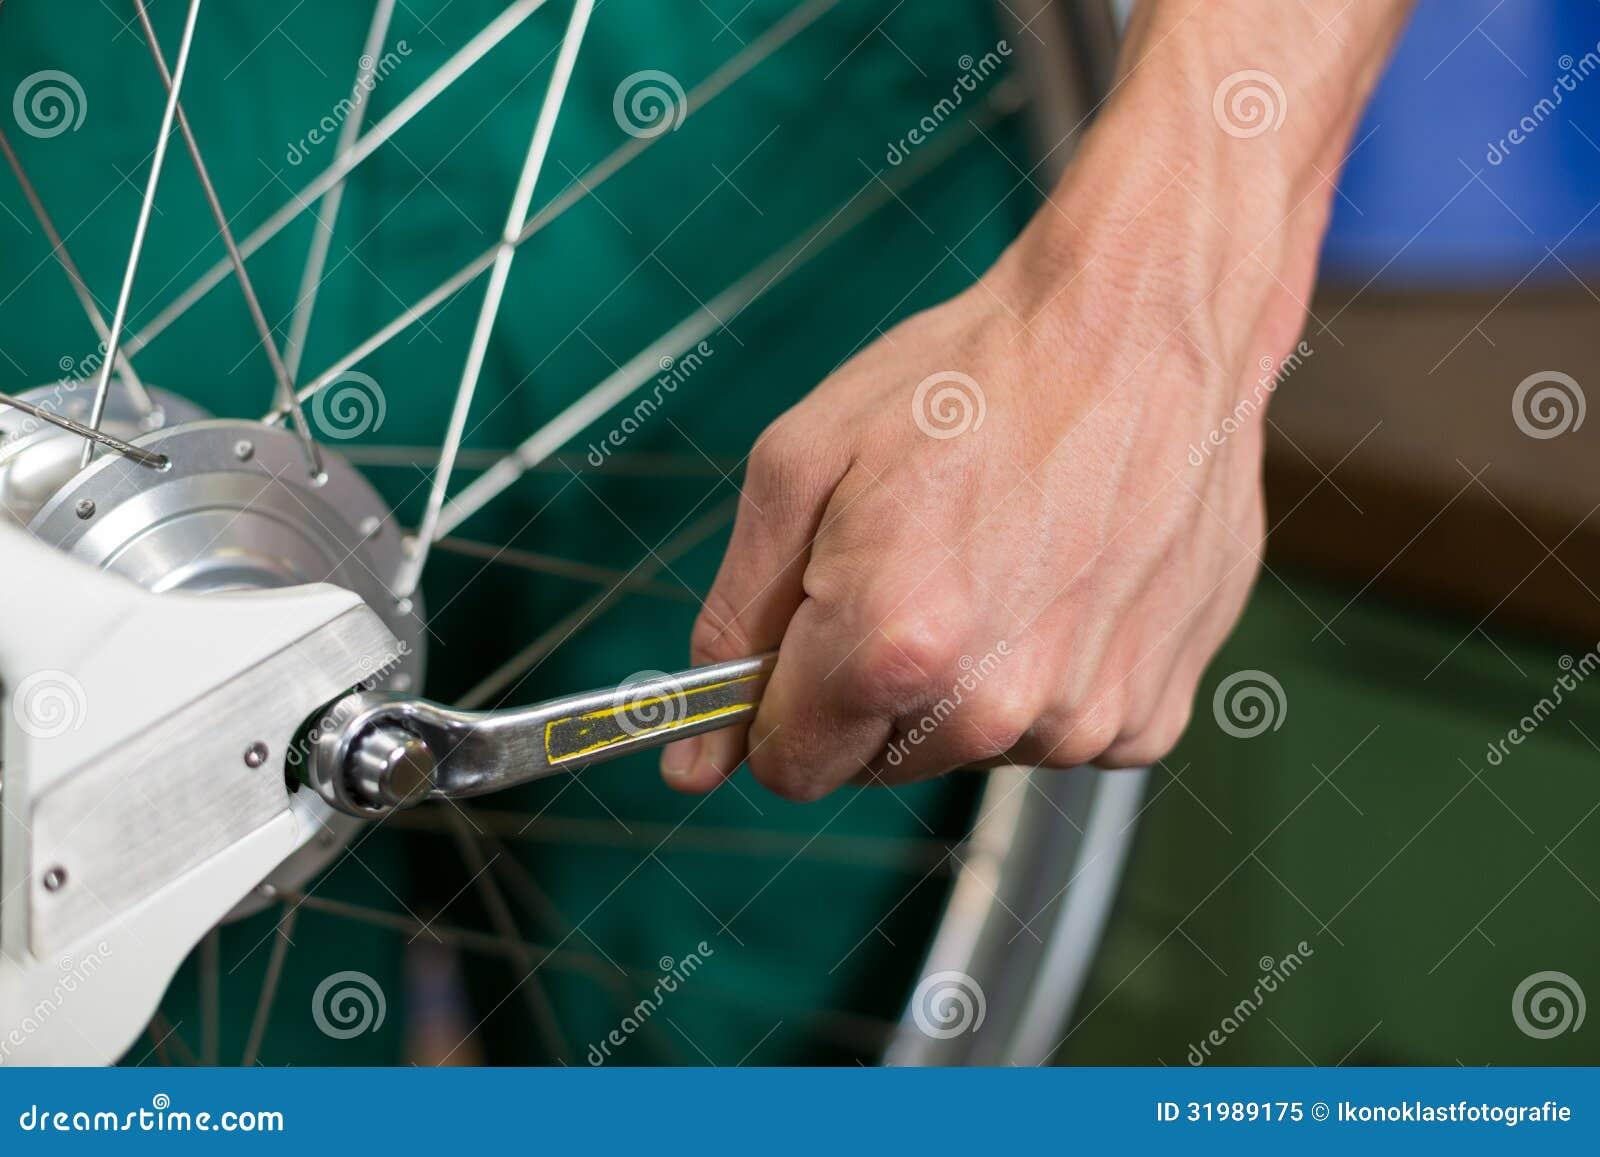 Driver mender key generator